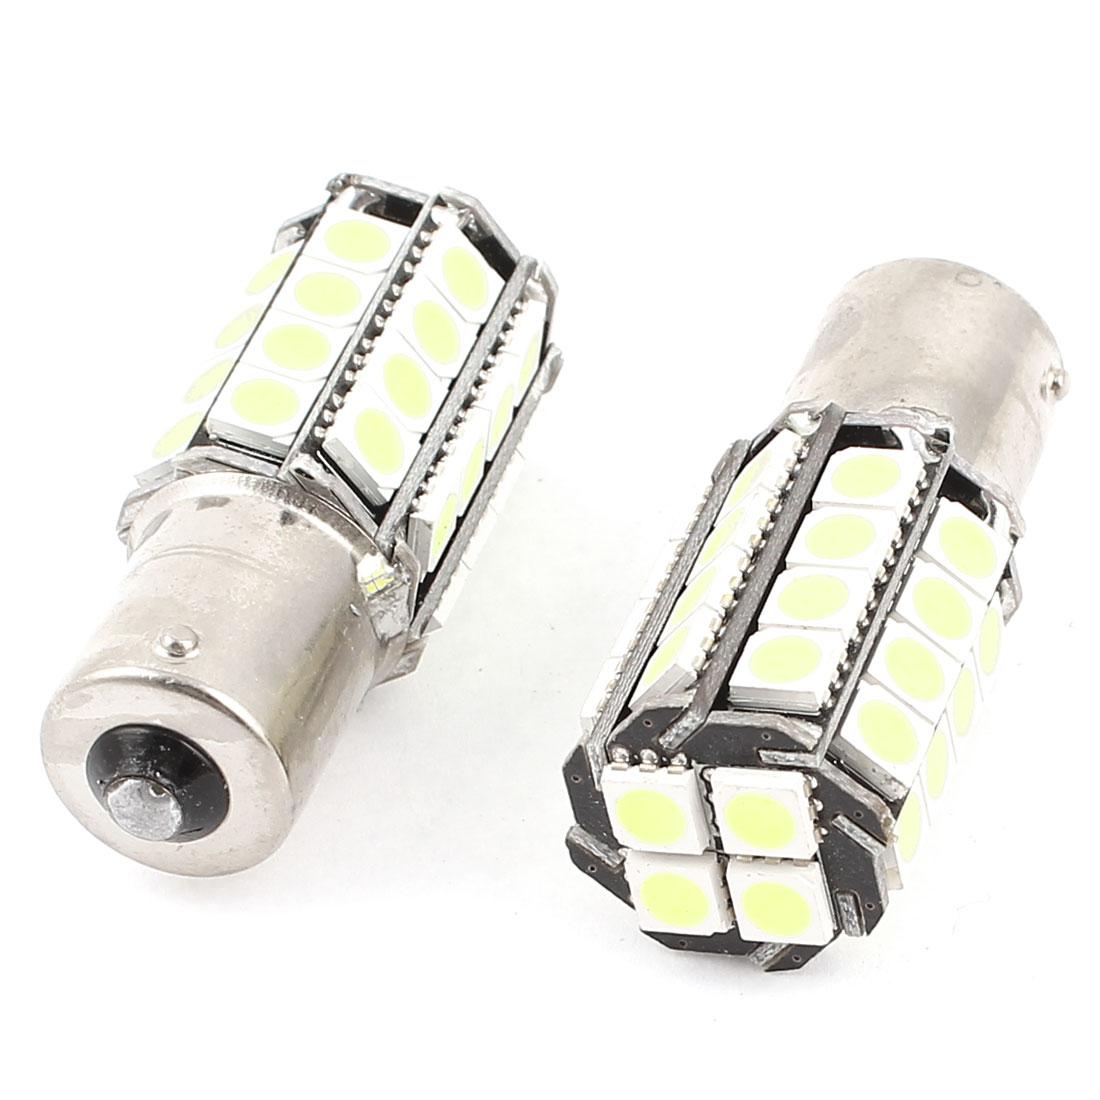 BA15S 1156 5050 SMD 36 LED Car Corner Tail Turn Signal Light White 1073 1259 2 Pcs